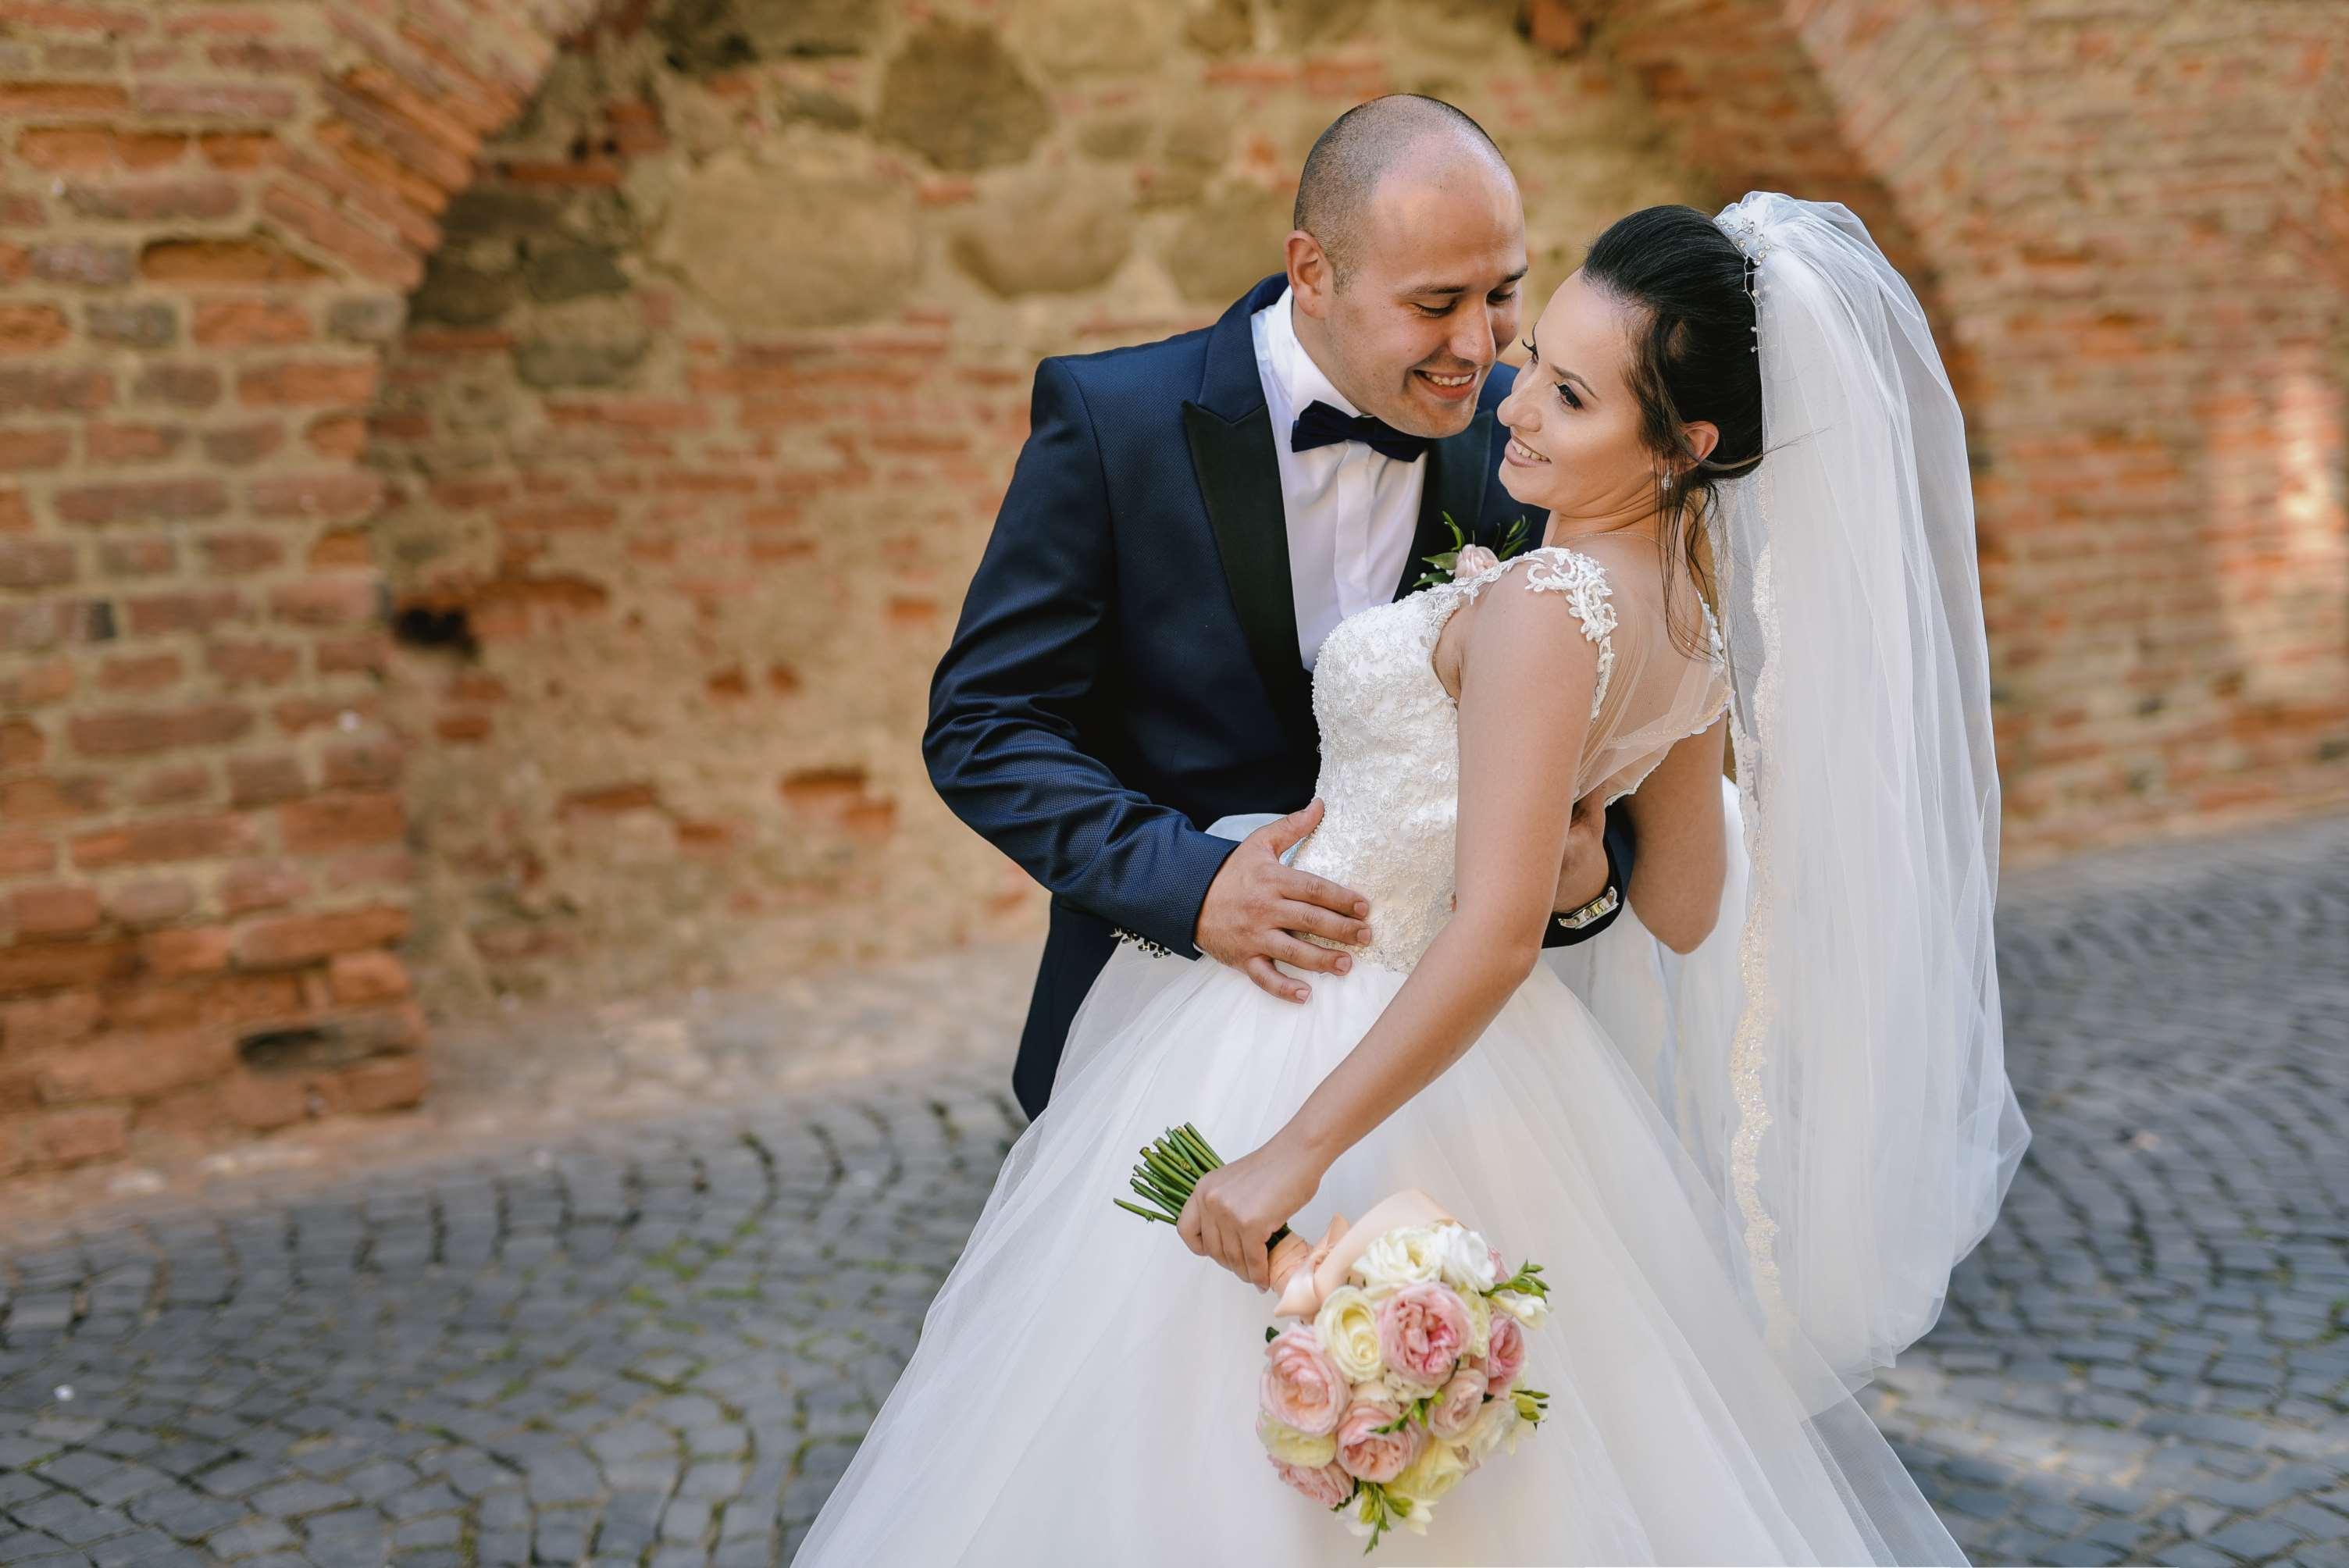 Nunta-Sibiu-fotograf-23